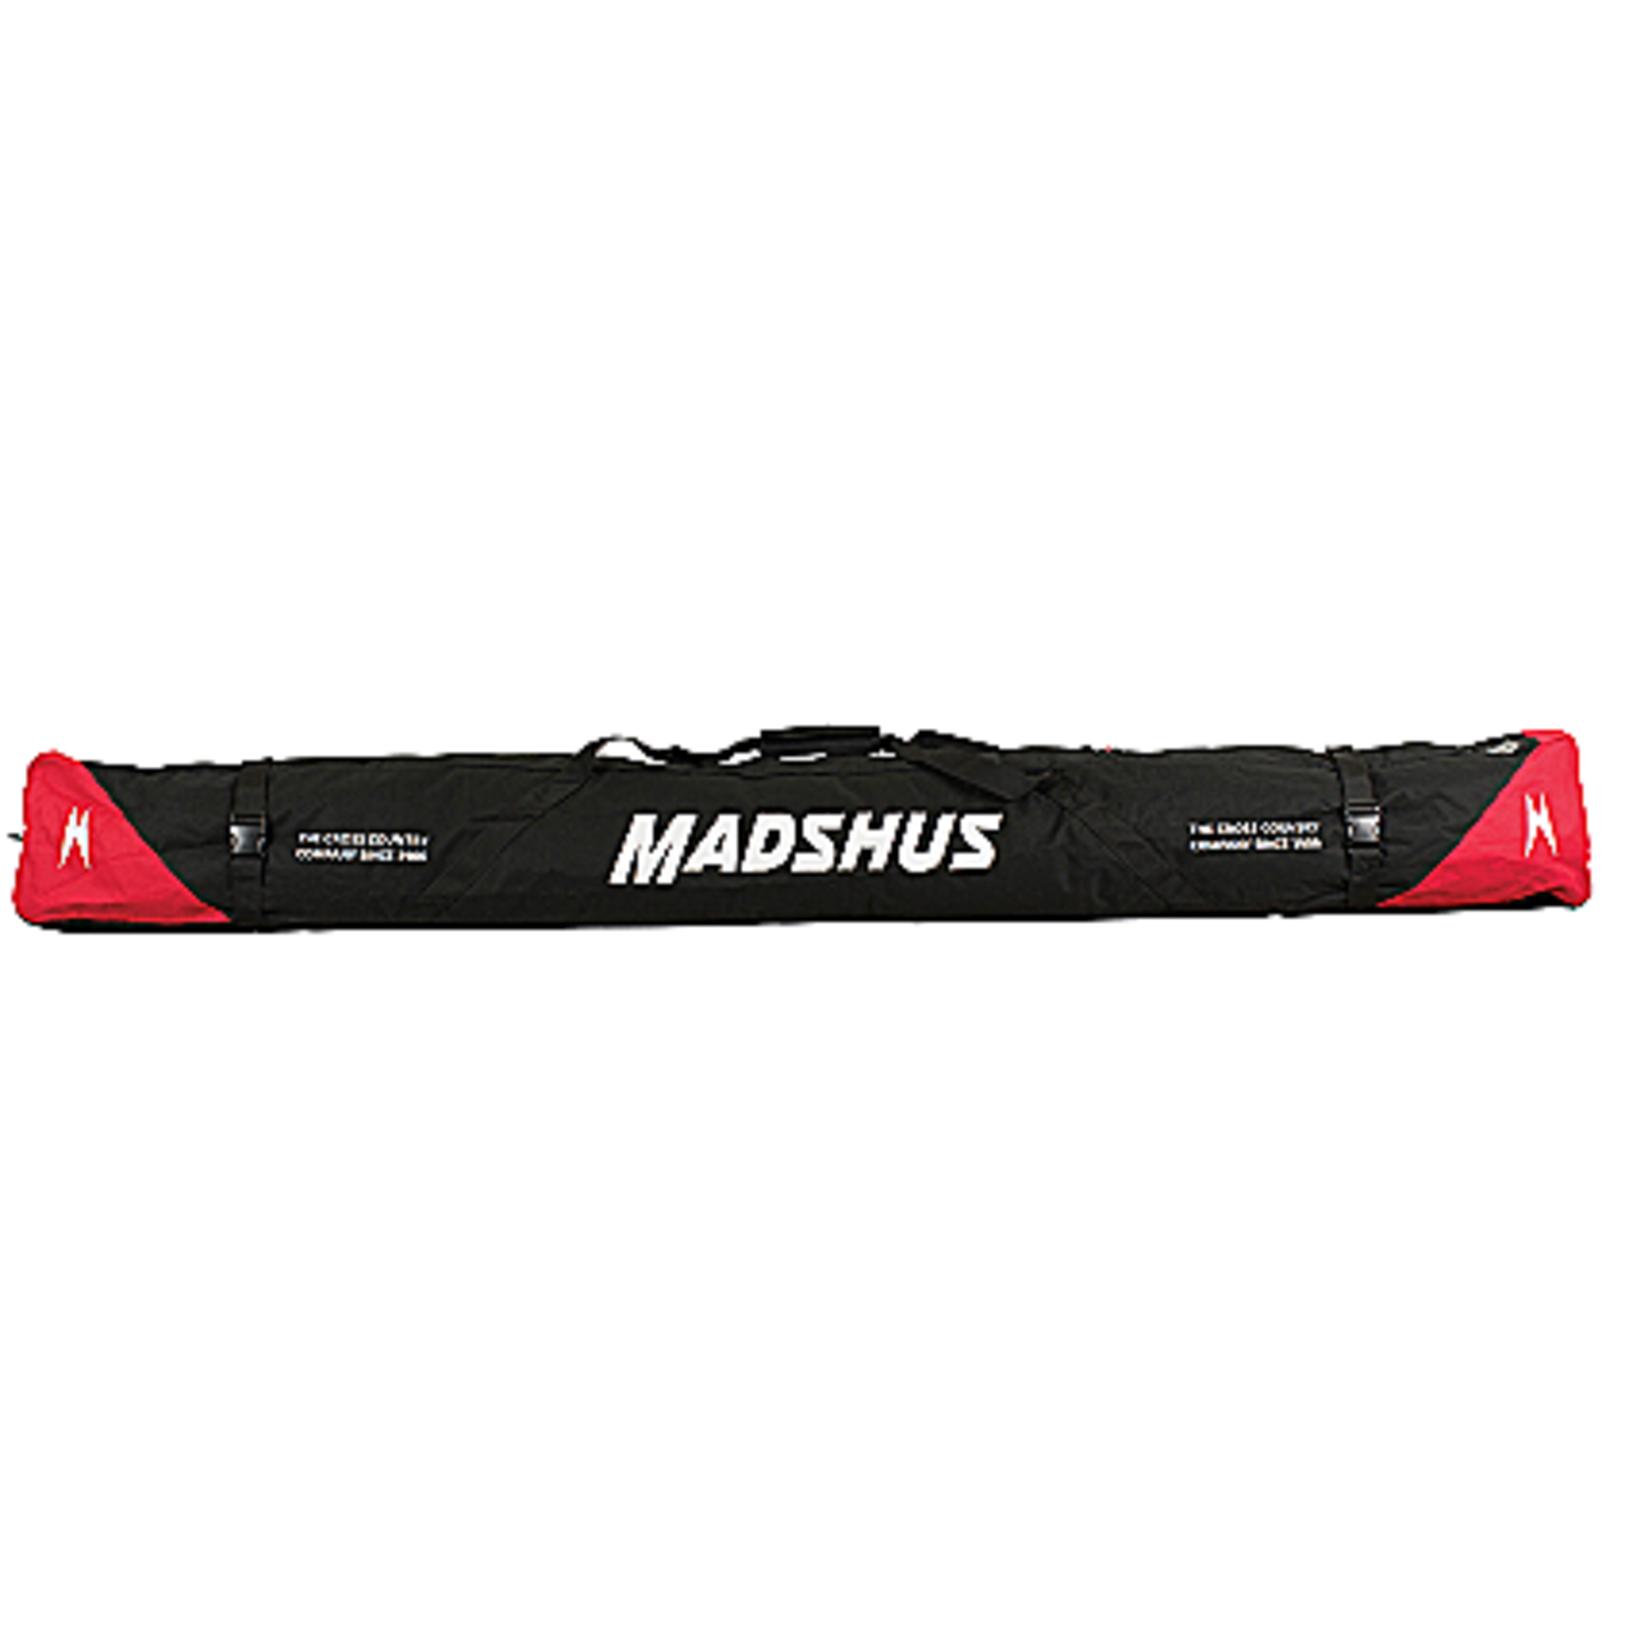 Madshus Madshus Ski Bag 5-6 Pair, Black